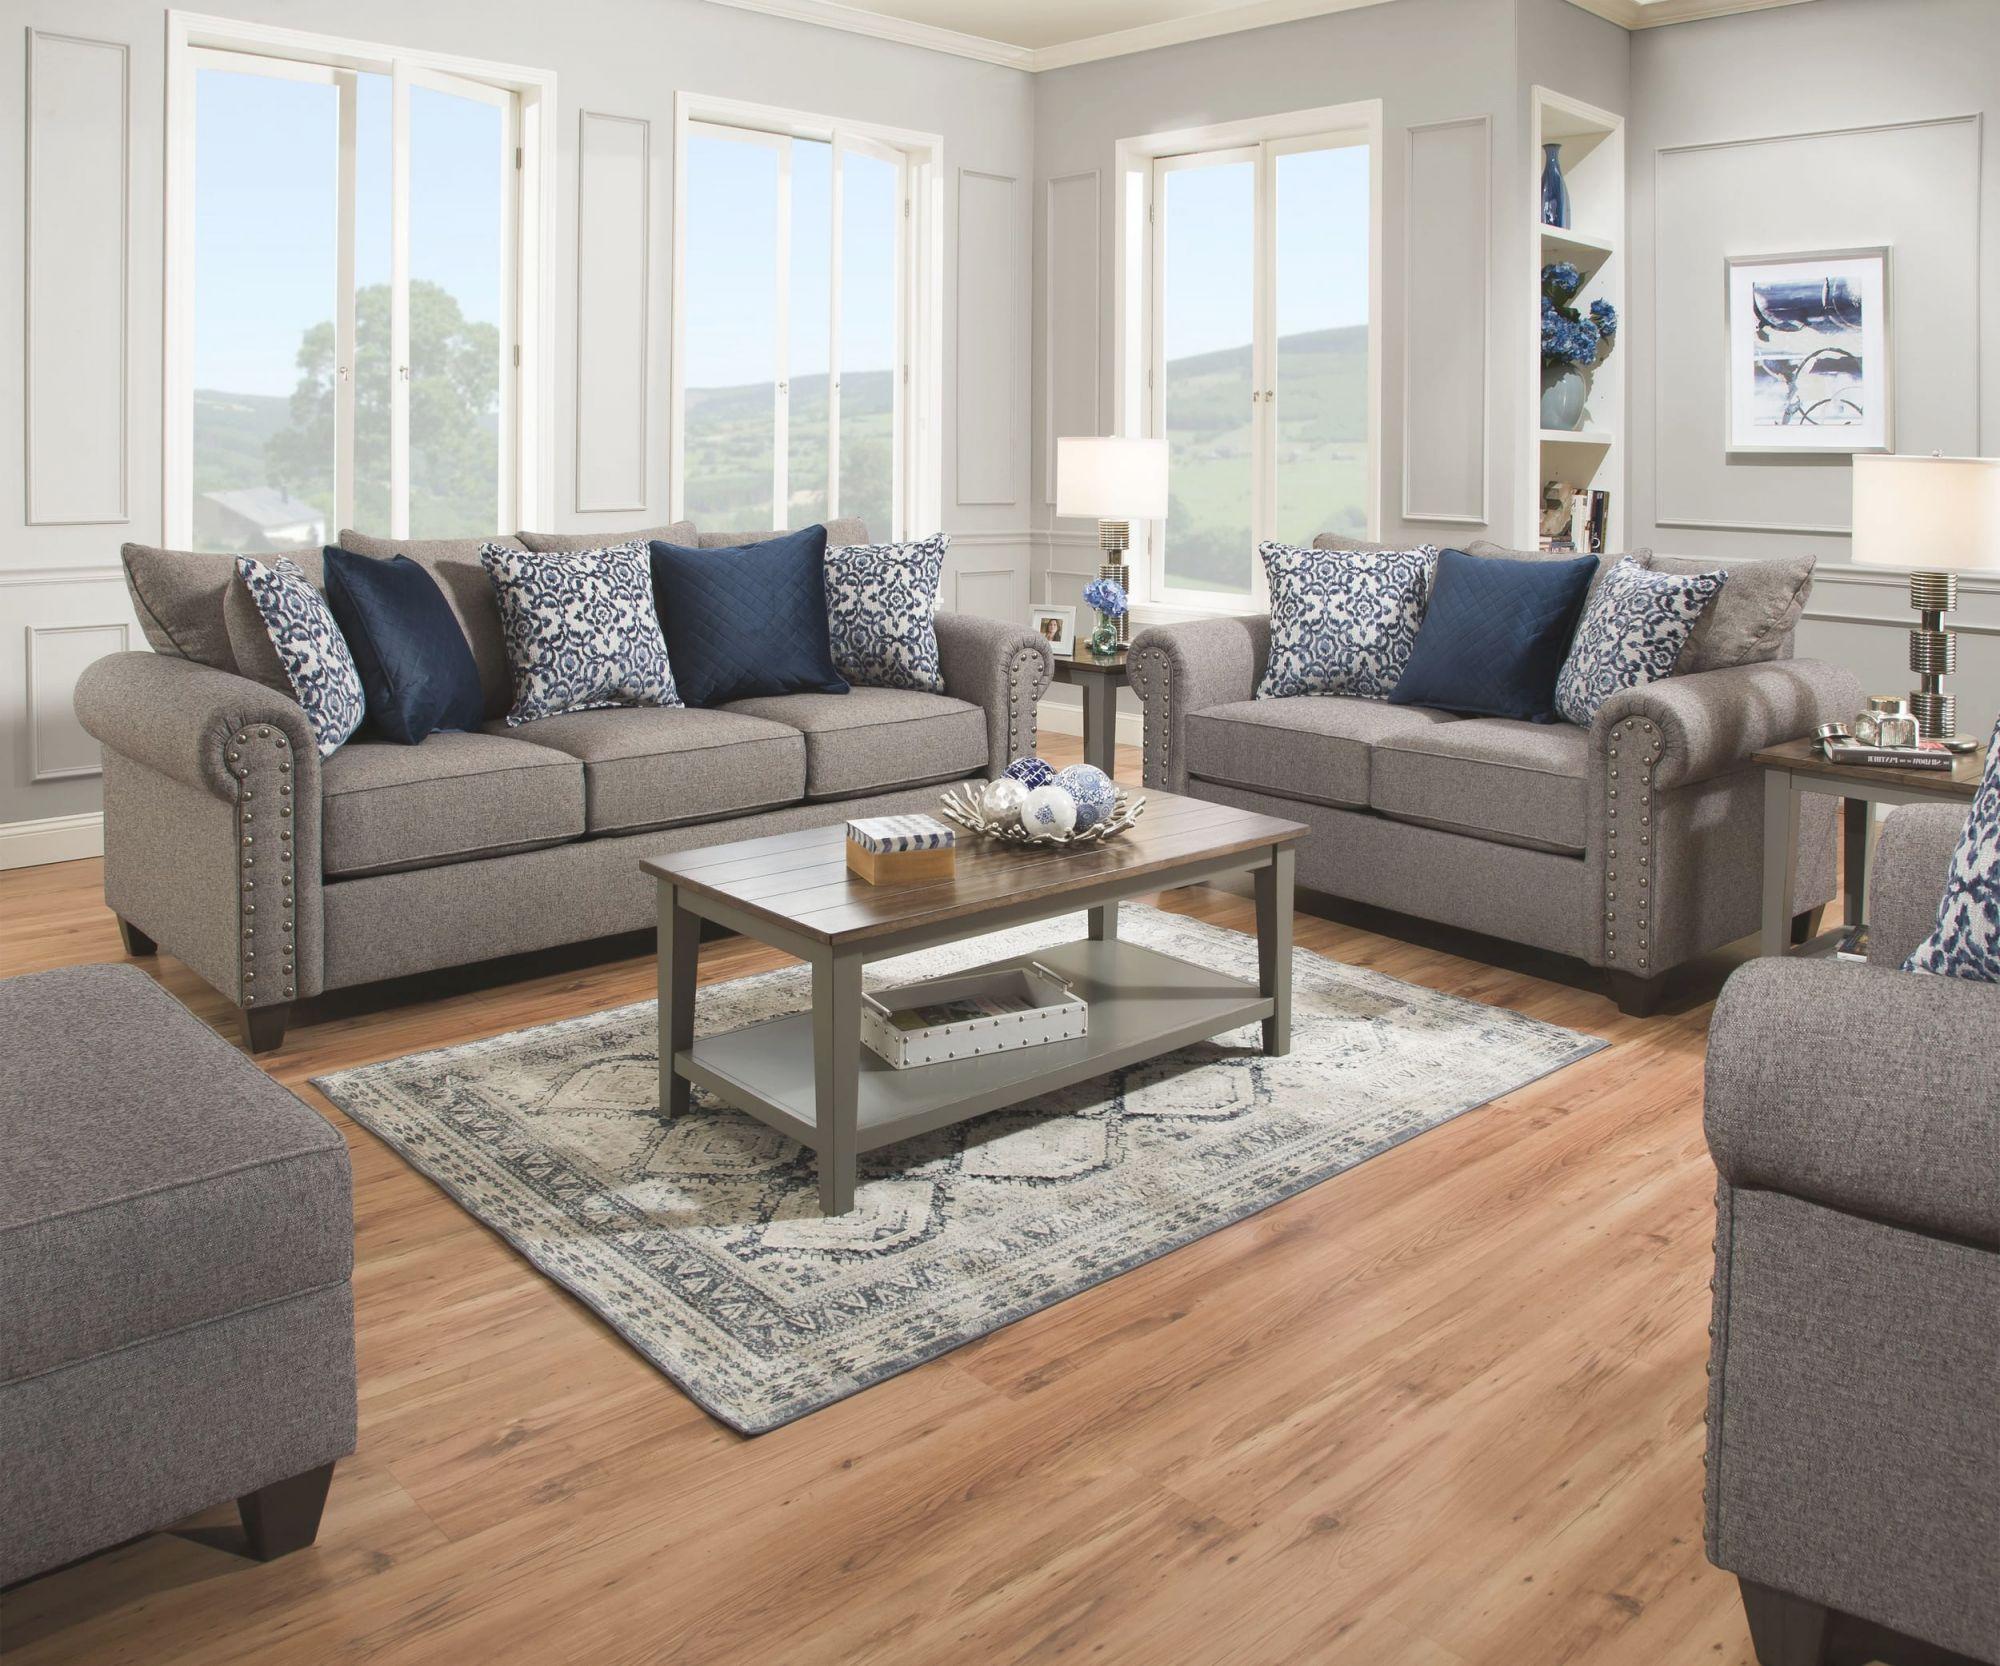 Simmons Upholstery 9175Br-01 Emma Slate, 9175Br-02 Emma Slate, 9175Br-03 Emma Slate for New Simmons Living Room Furniture